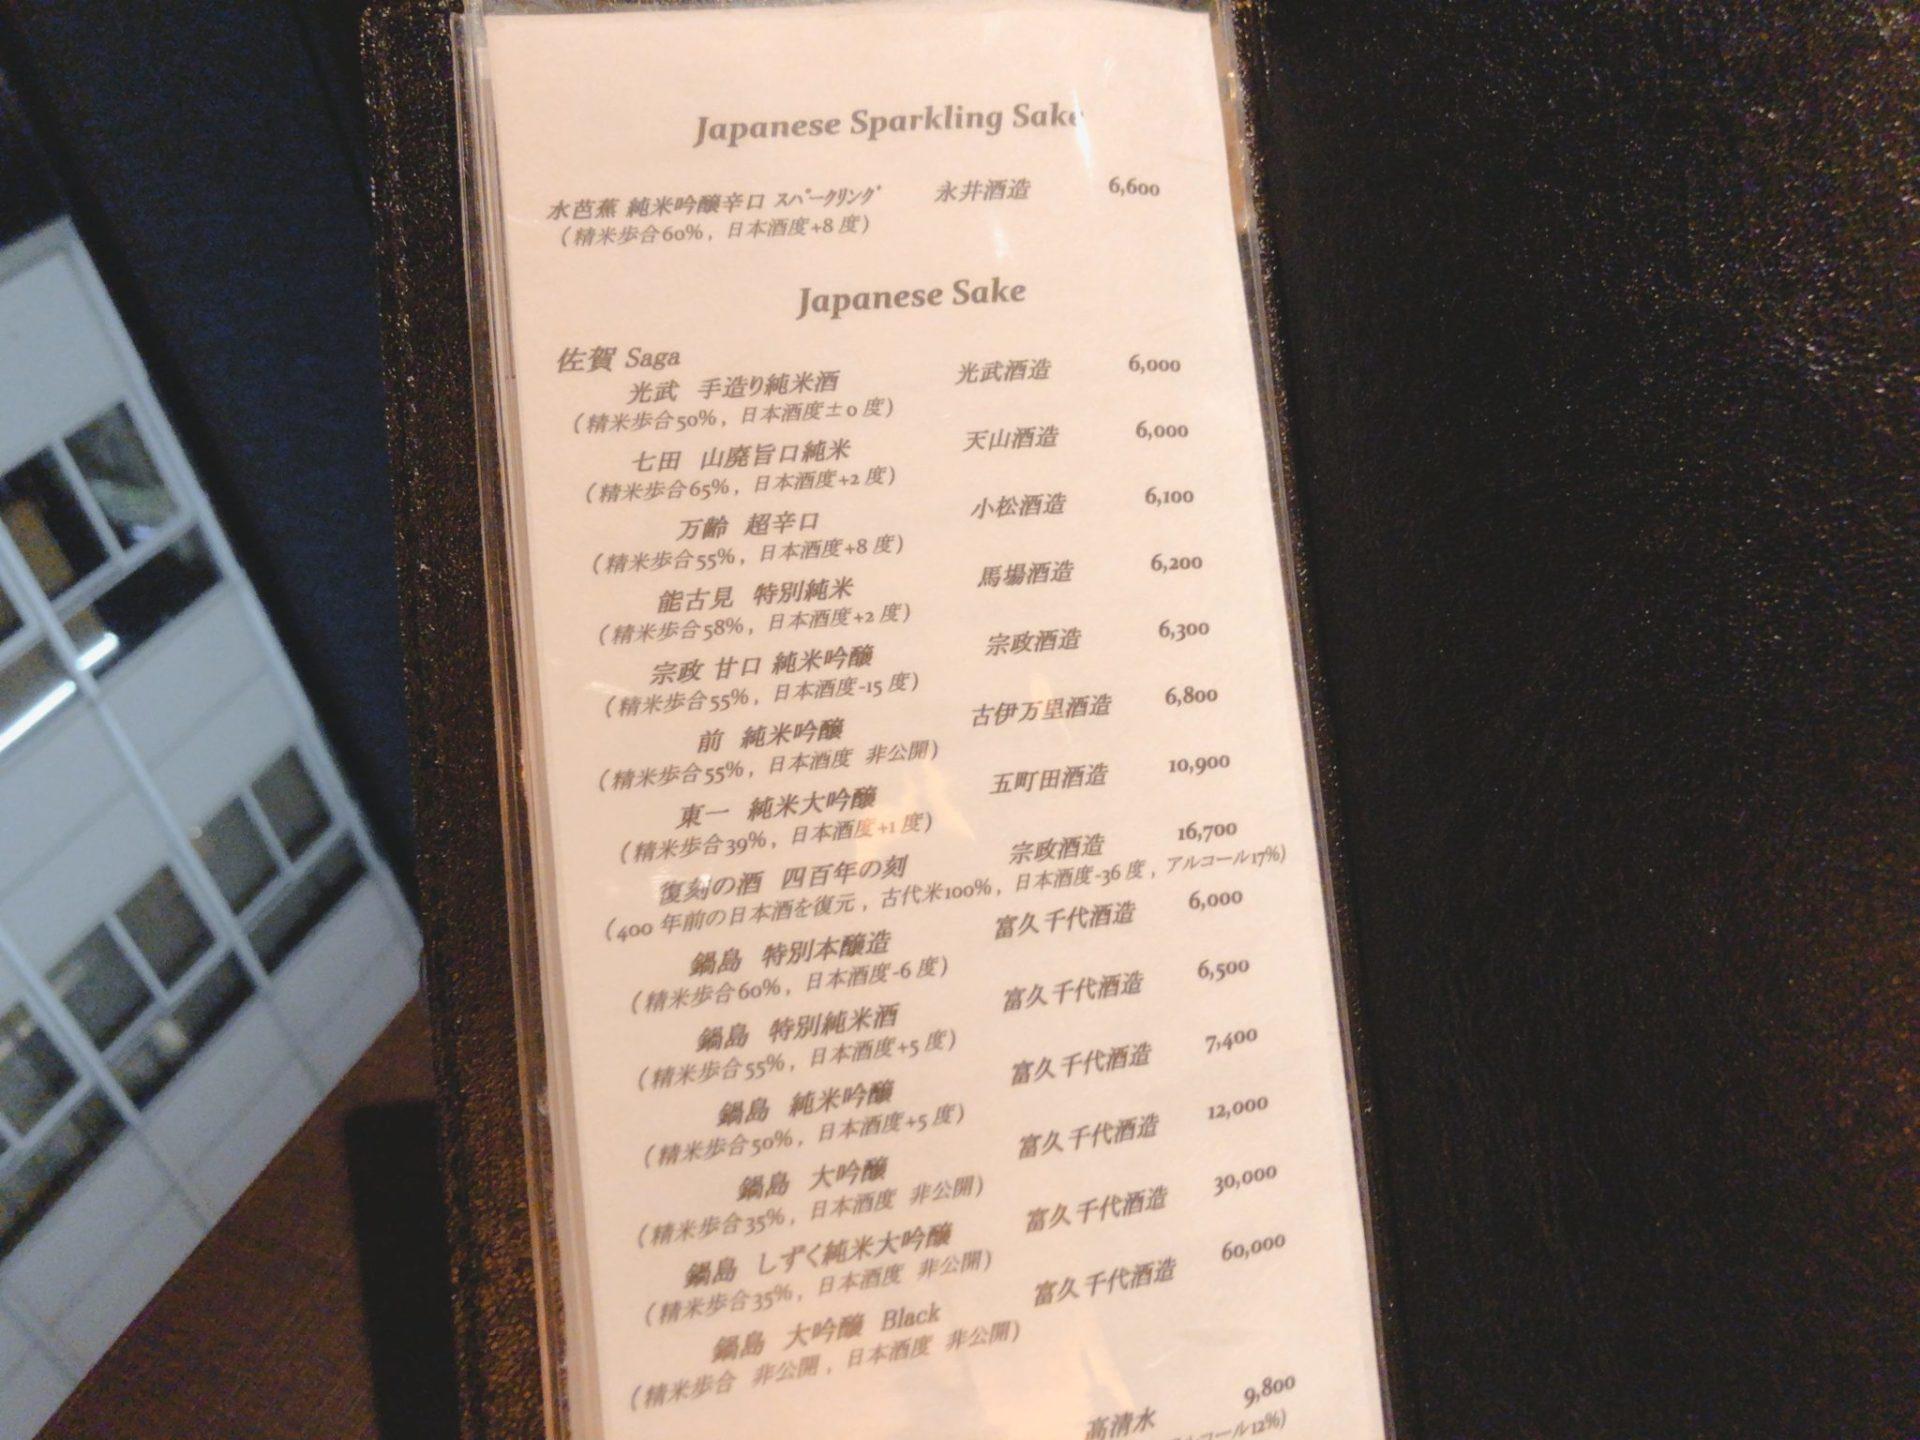 佐賀牛Sagaya銀座の日本酒メニュー